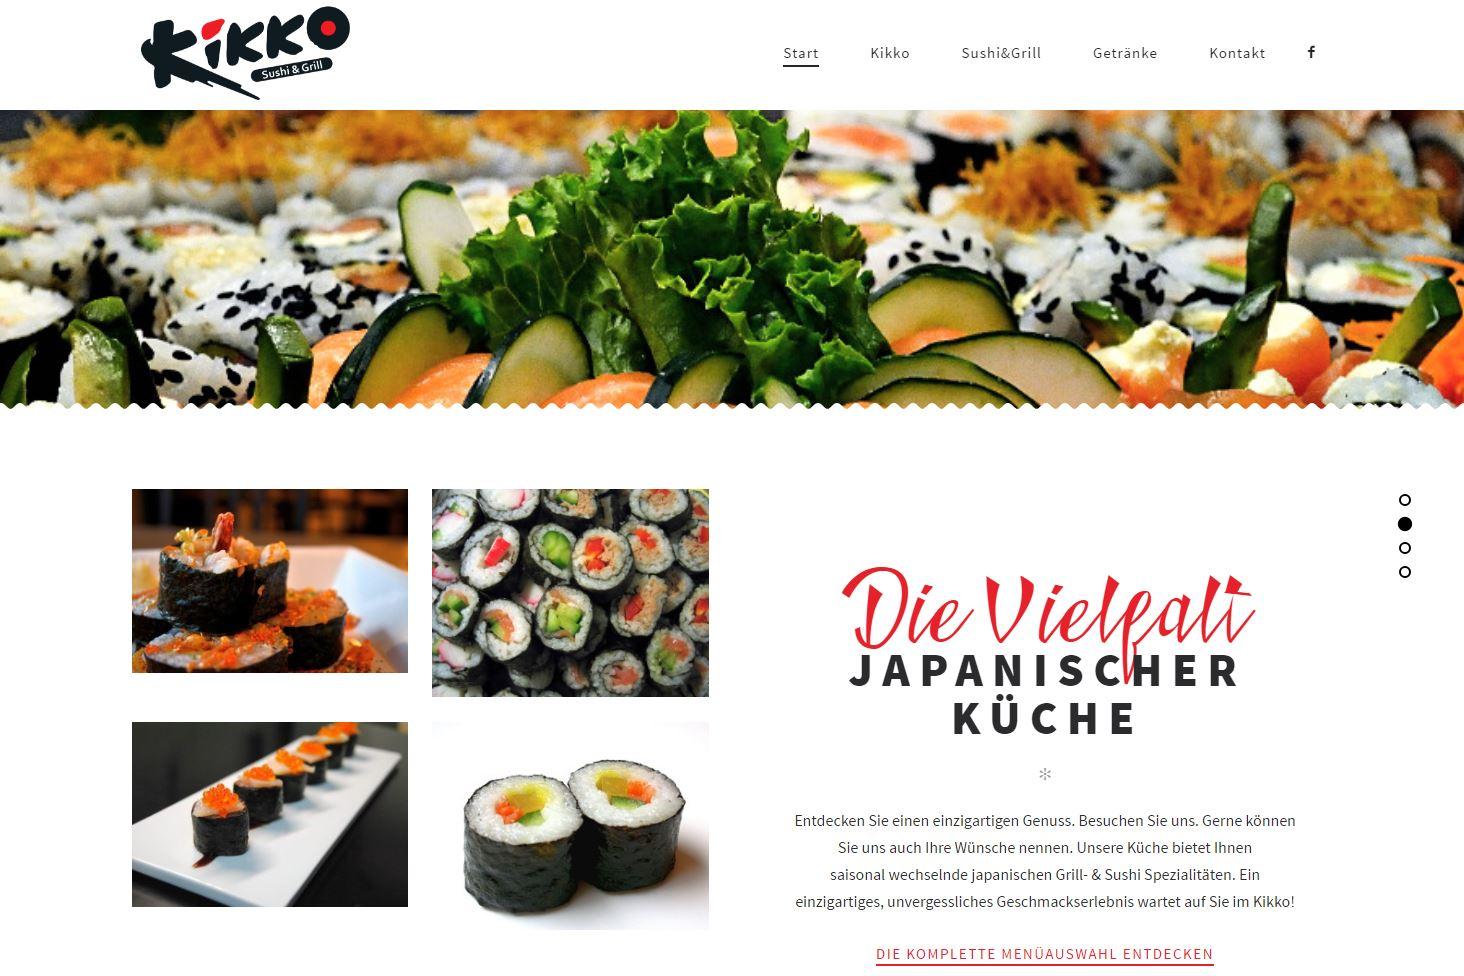 Webseite des Sushi Restaurants Kikko